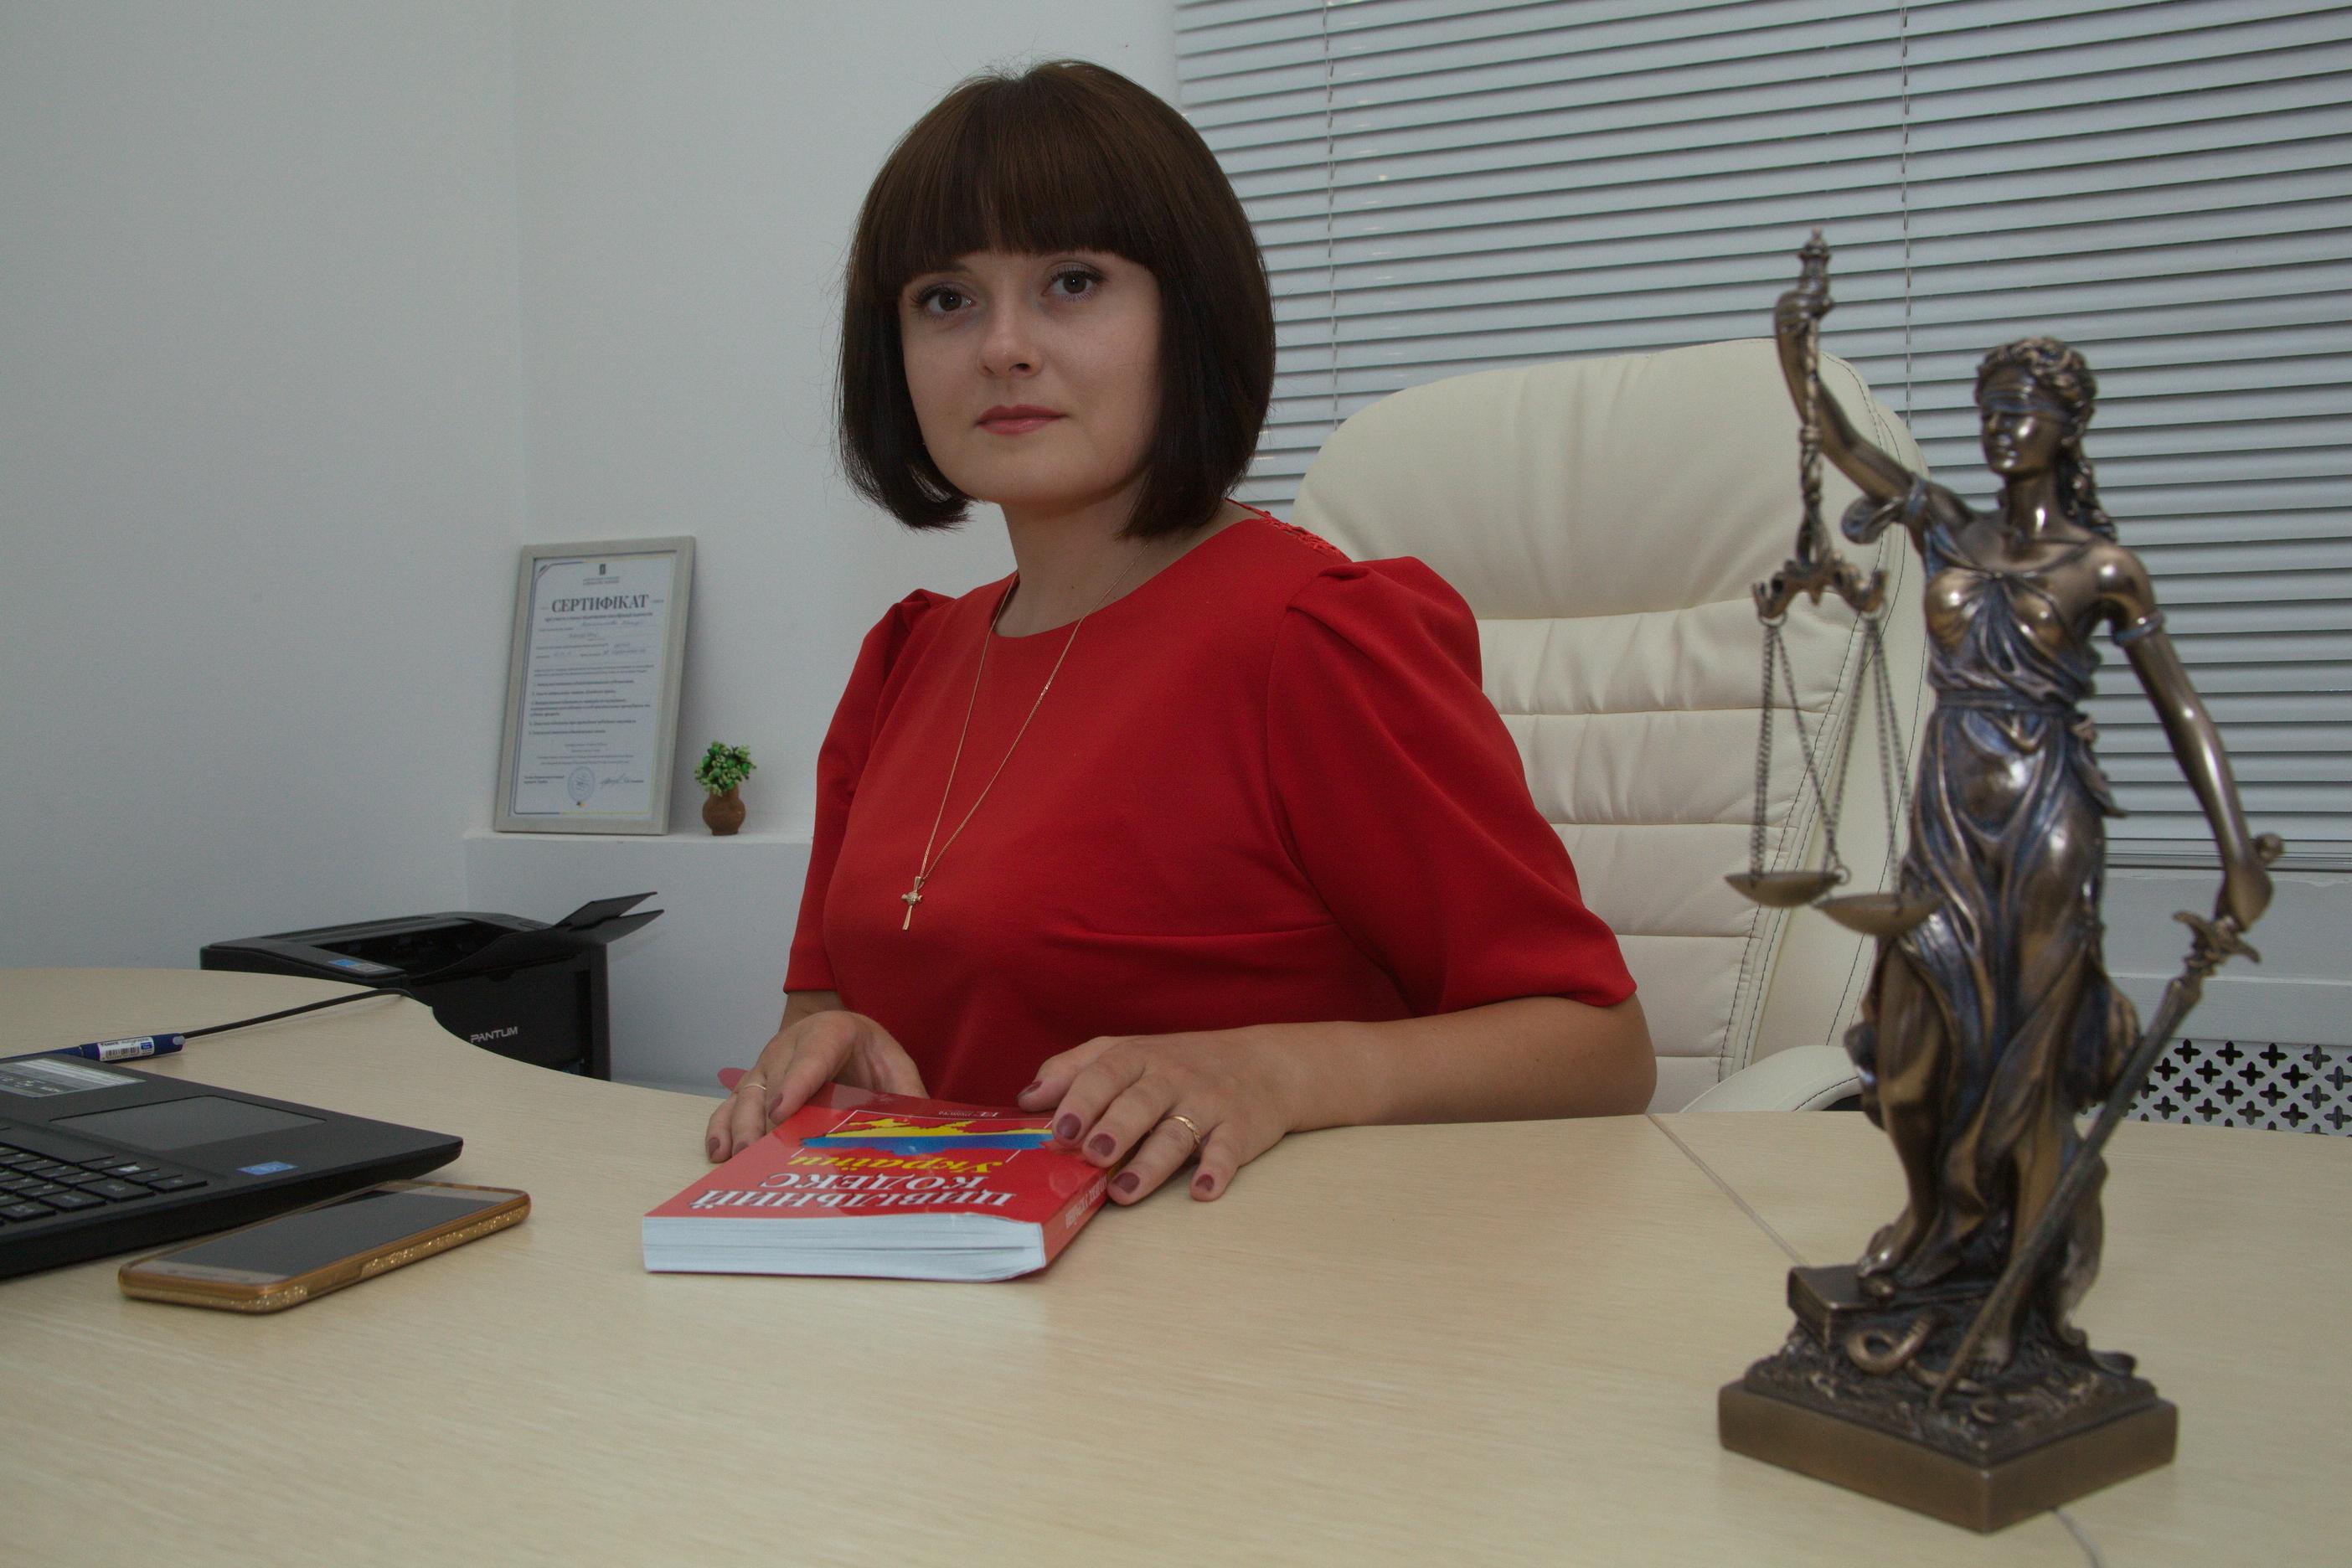 Регистрация ООО с учредителем физическим лицом нерезидентом